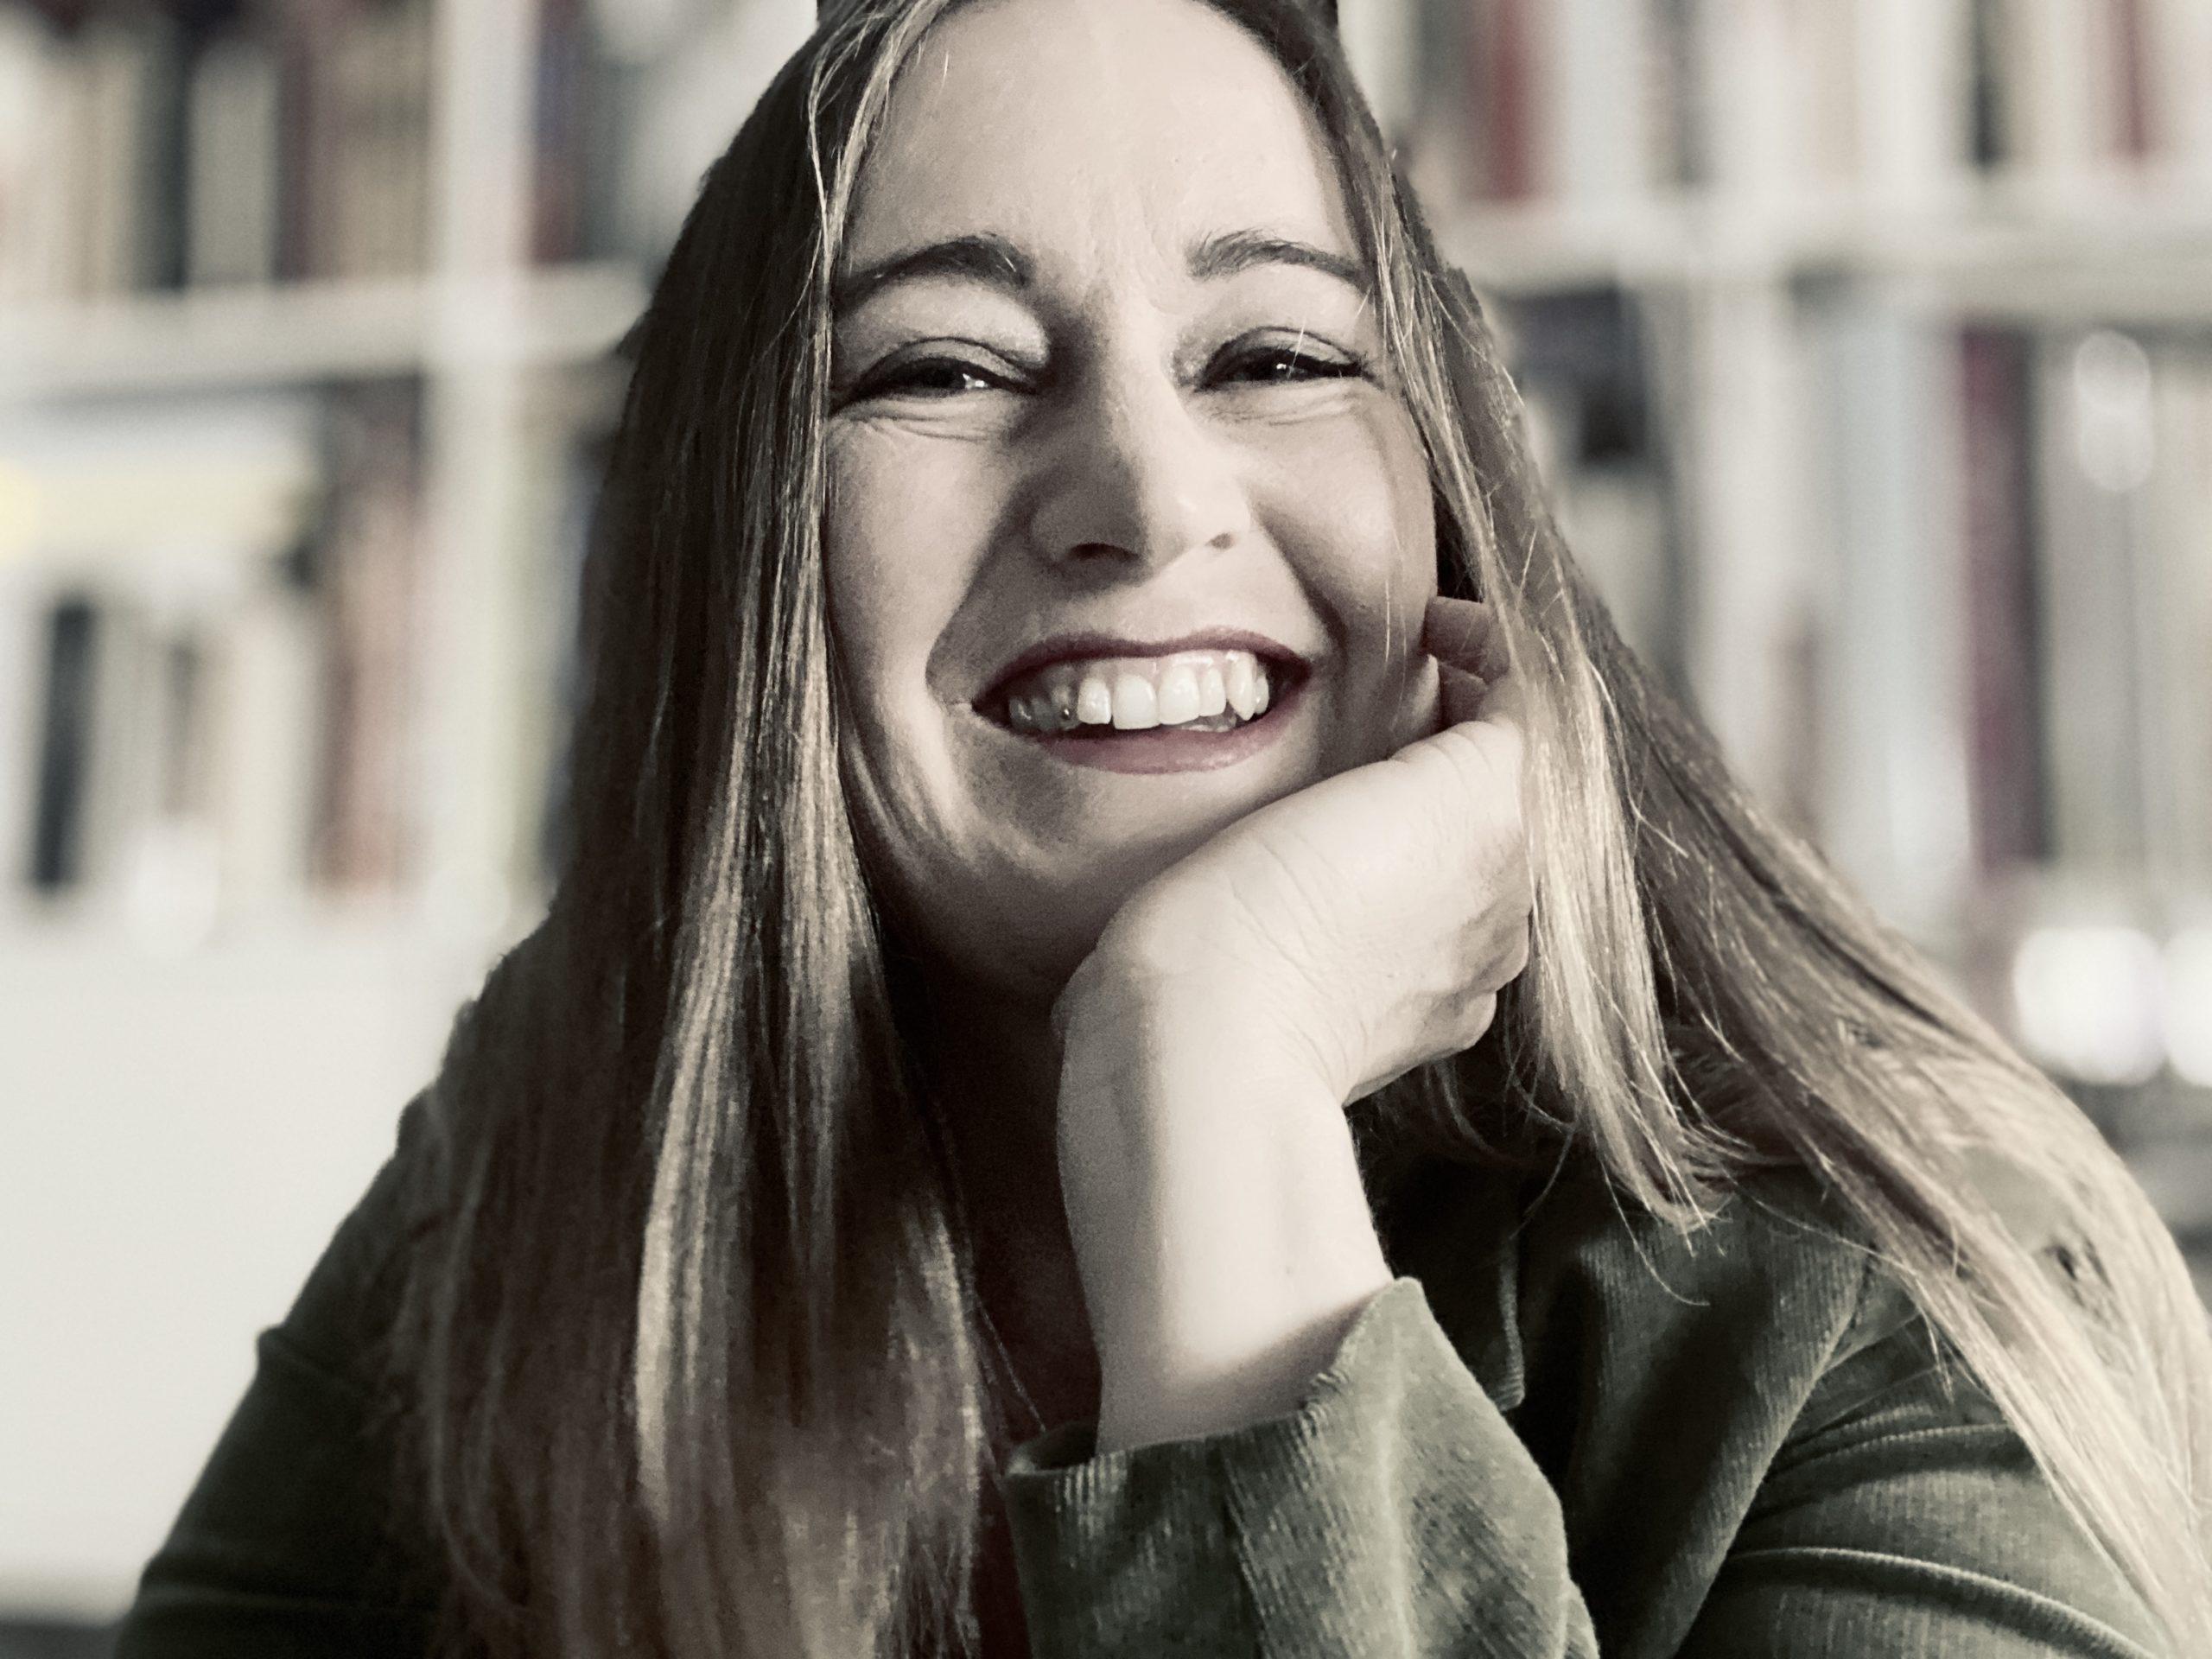 Simone Embacher von Buttervogel Ellmau